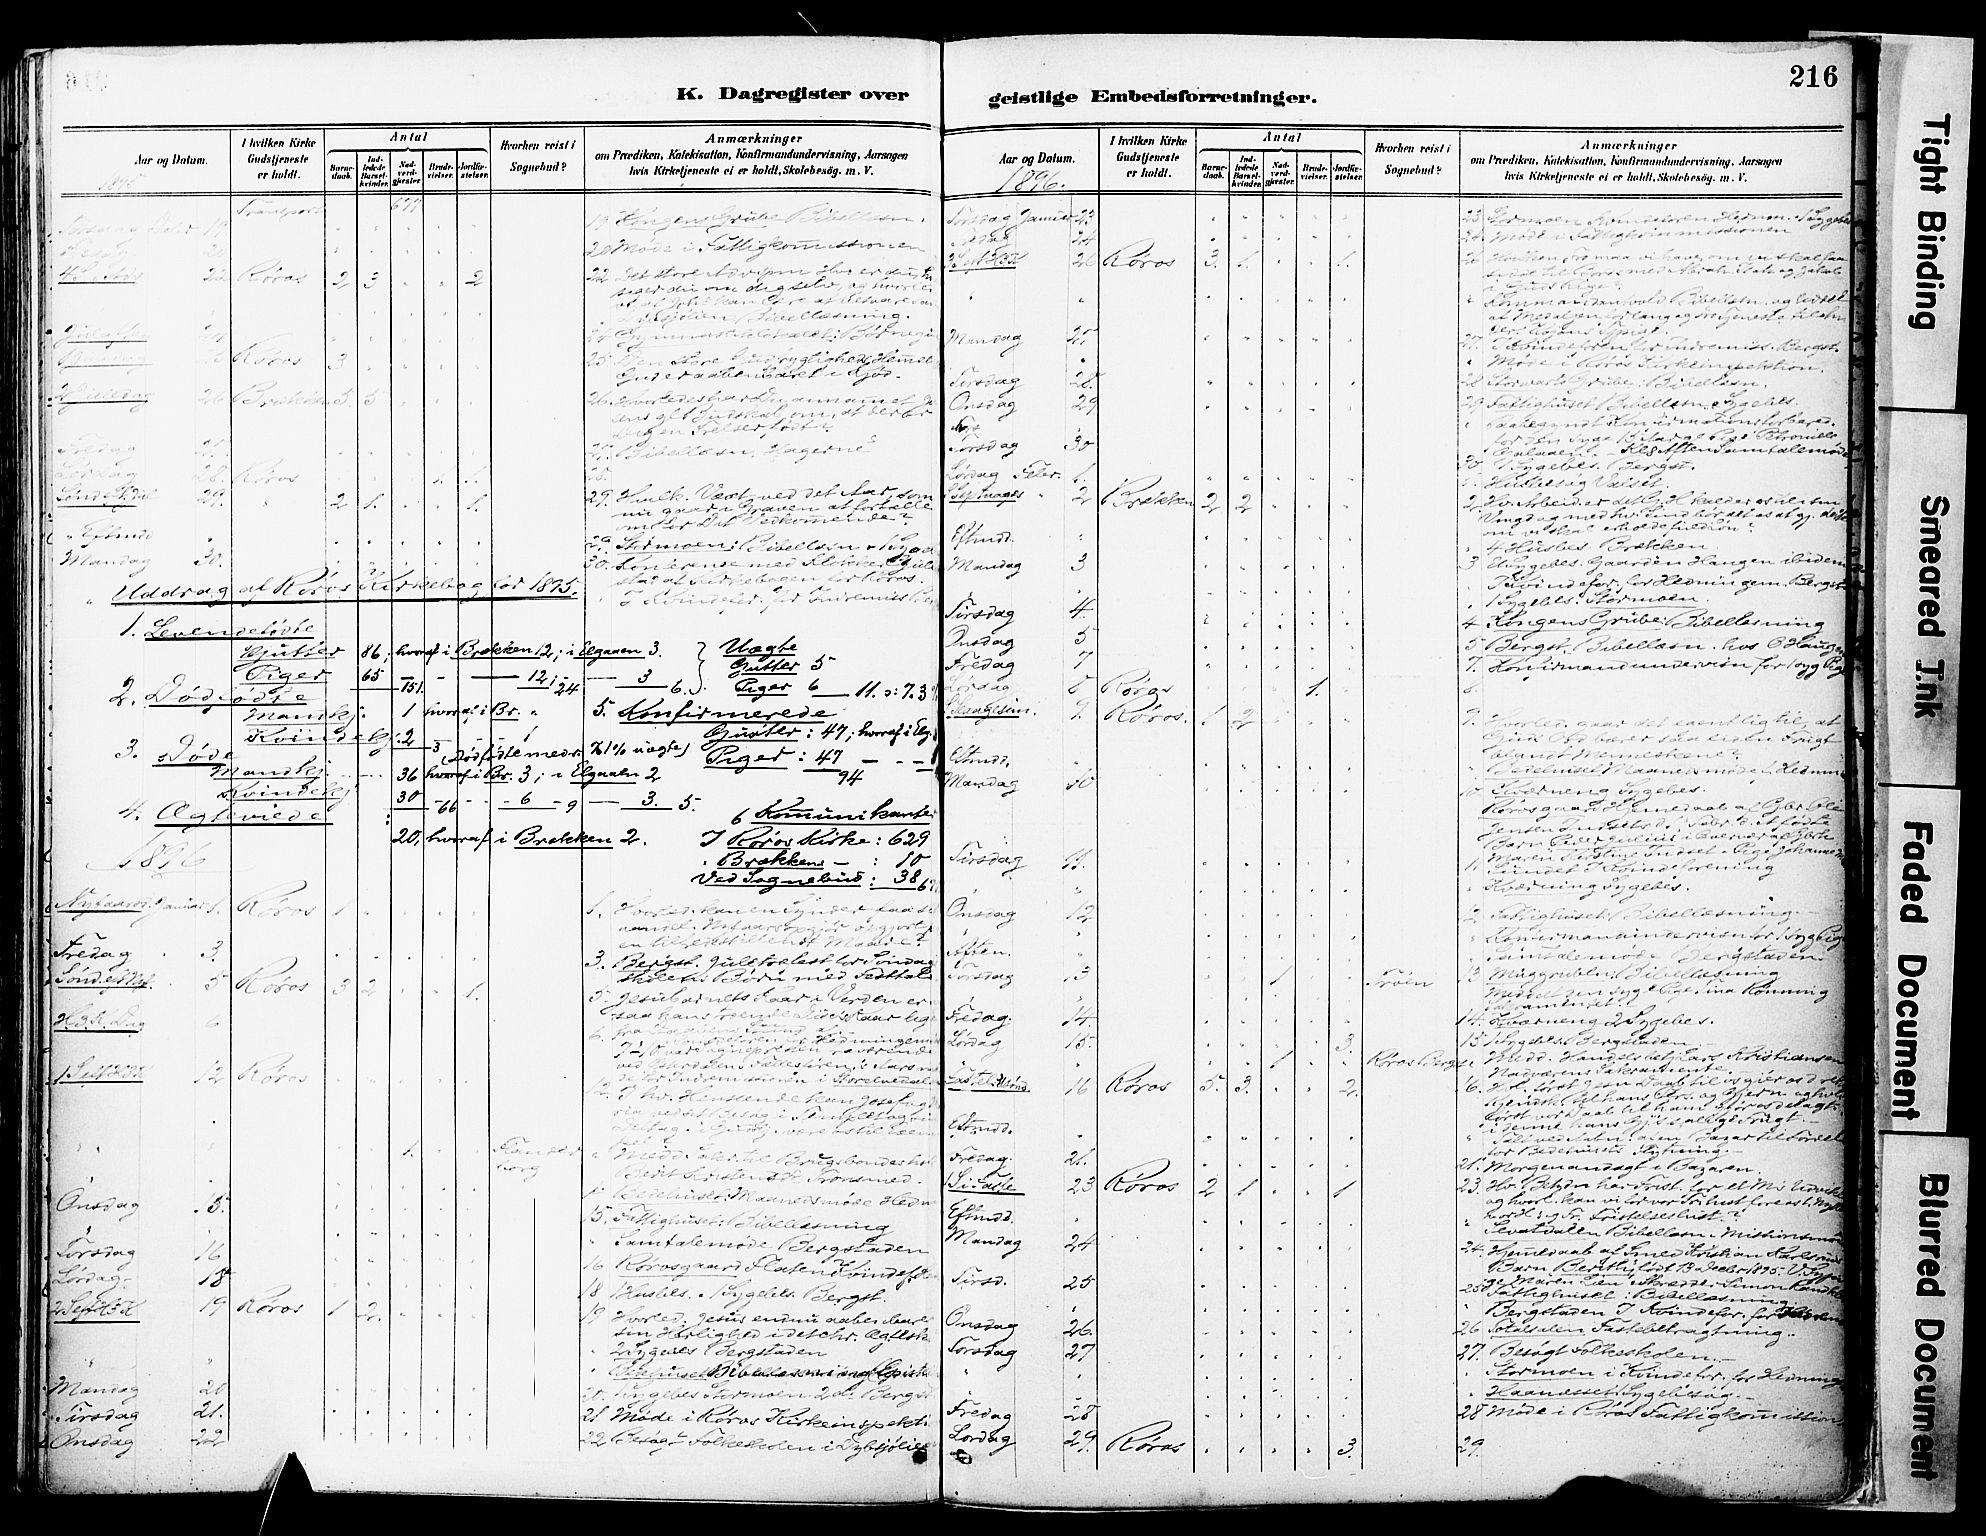 SAT, Ministerialprotokoller, klokkerbøker og fødselsregistre - Sør-Trøndelag, 681/L0935: Ministerialbok nr. 681A13, 1890-1898, s. 216